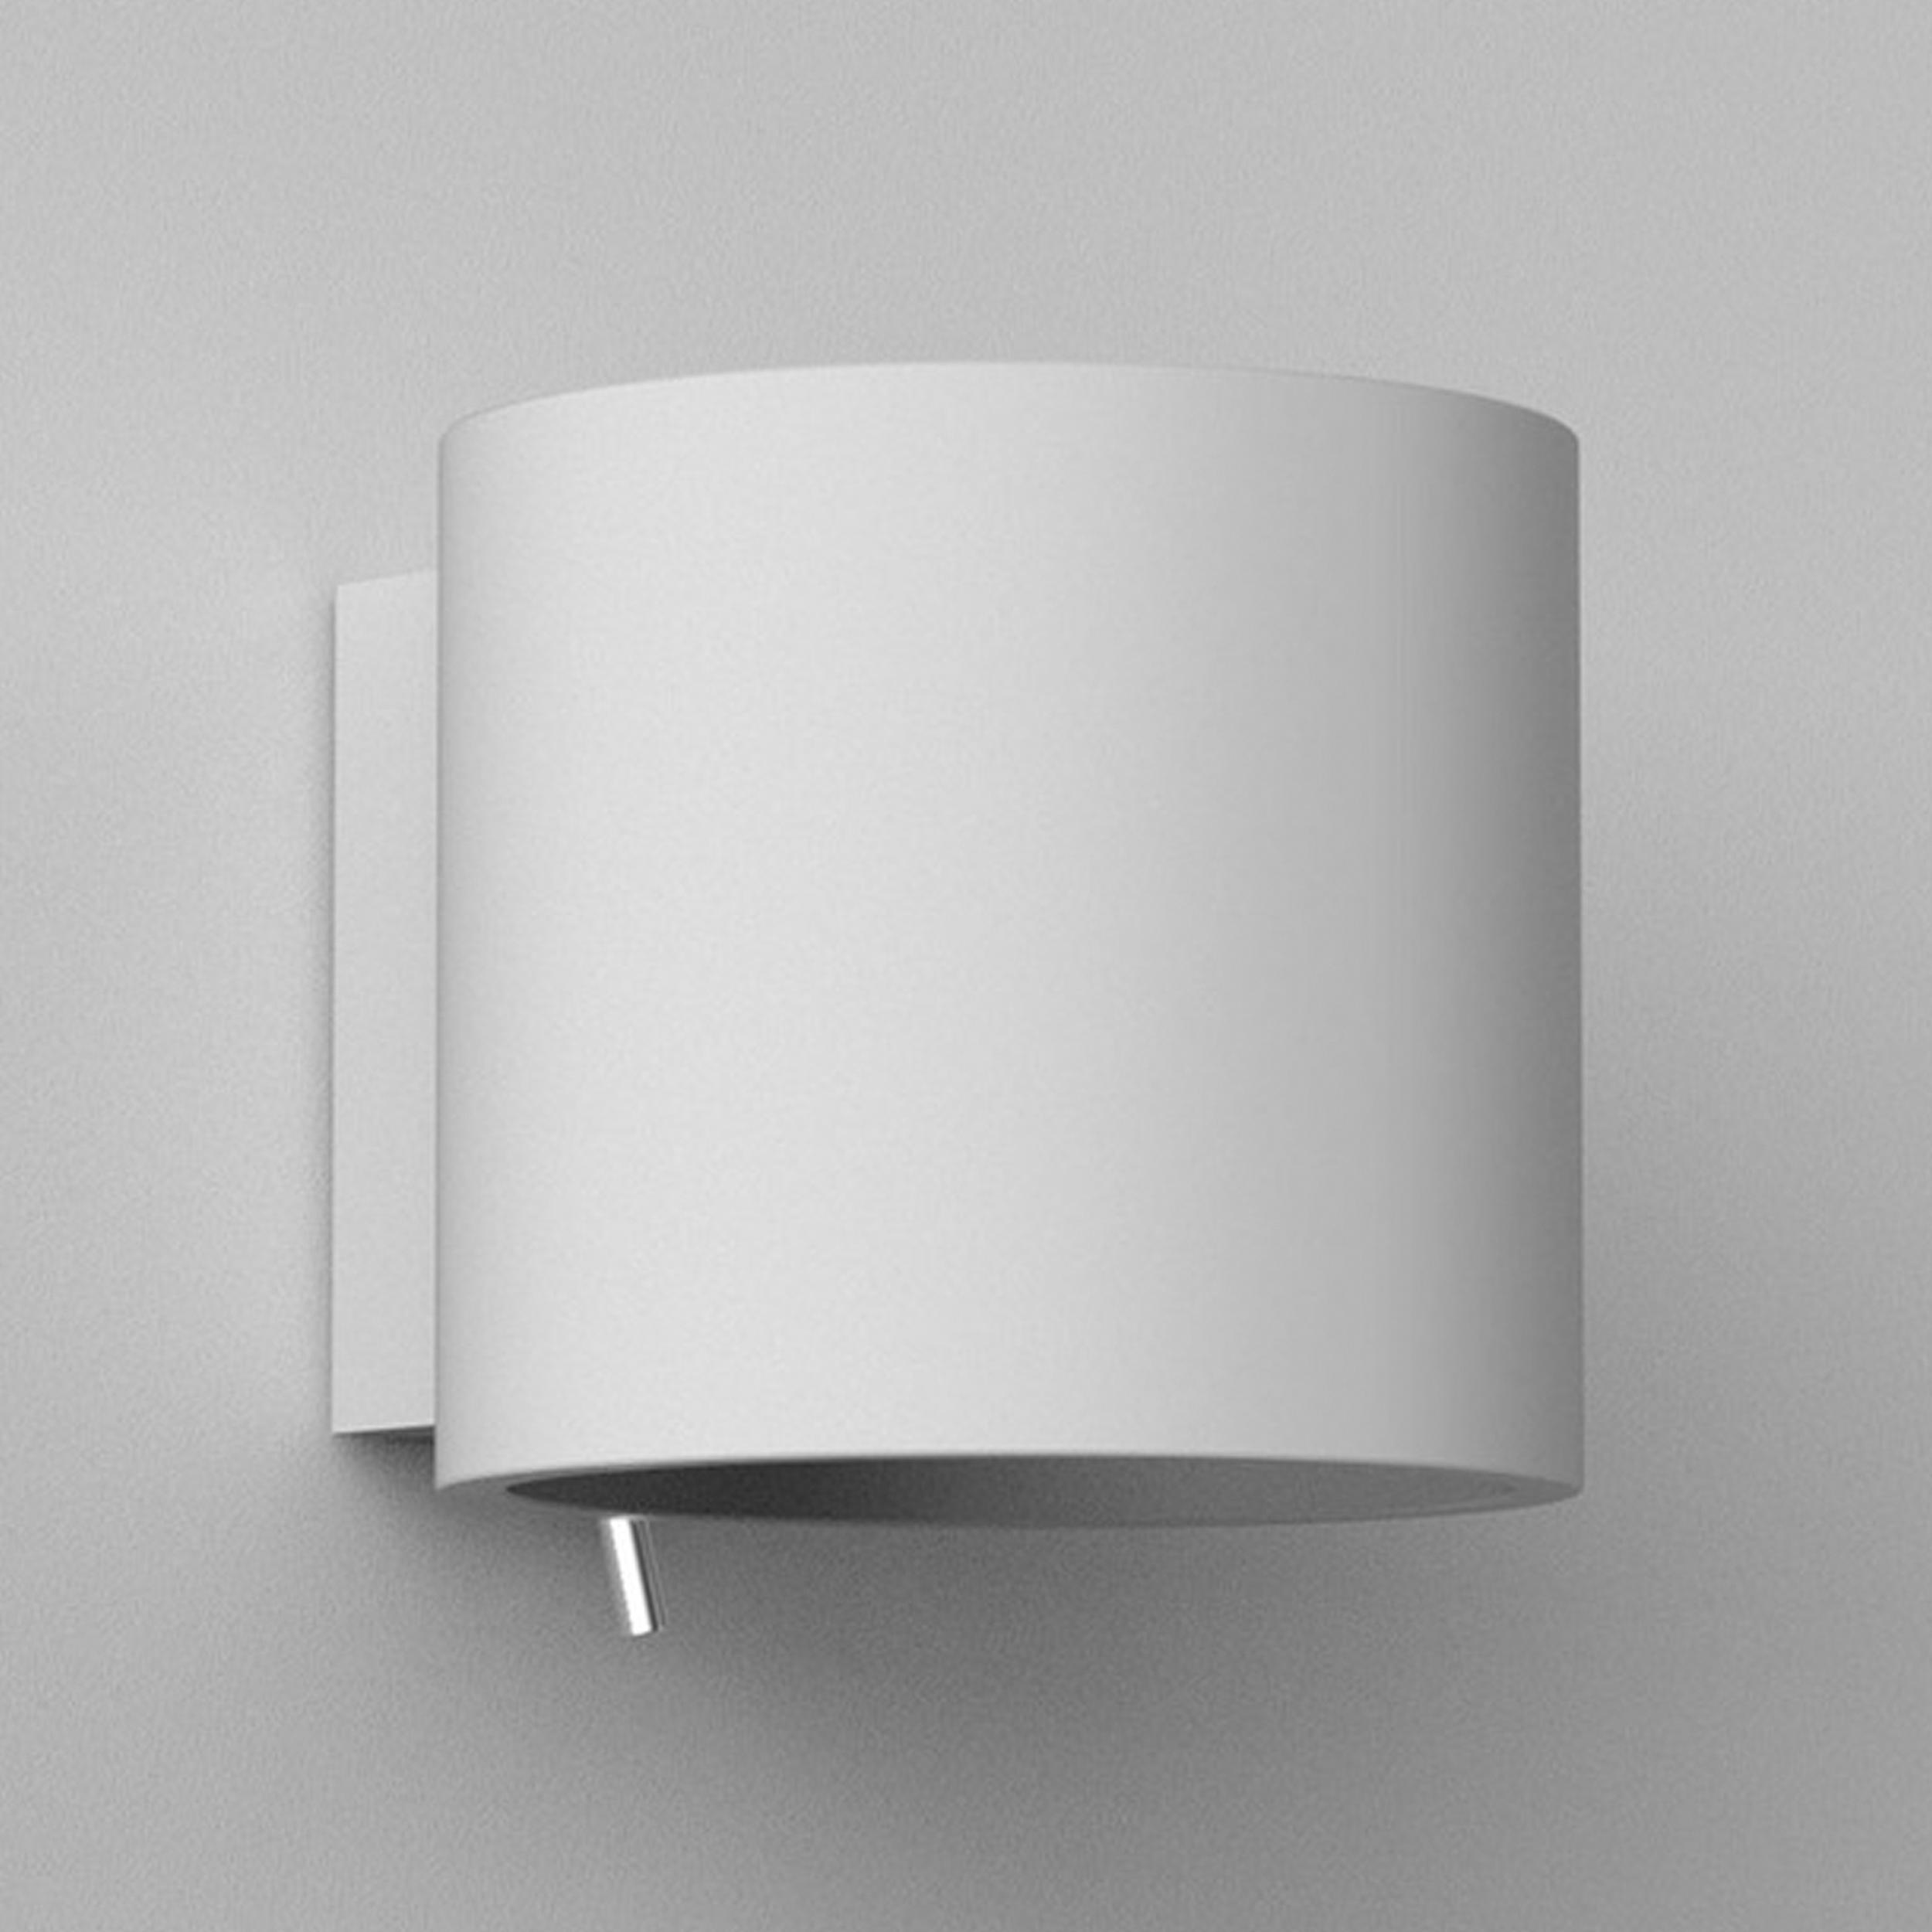 Astro Brenta 175 Wall Light White Plaster C